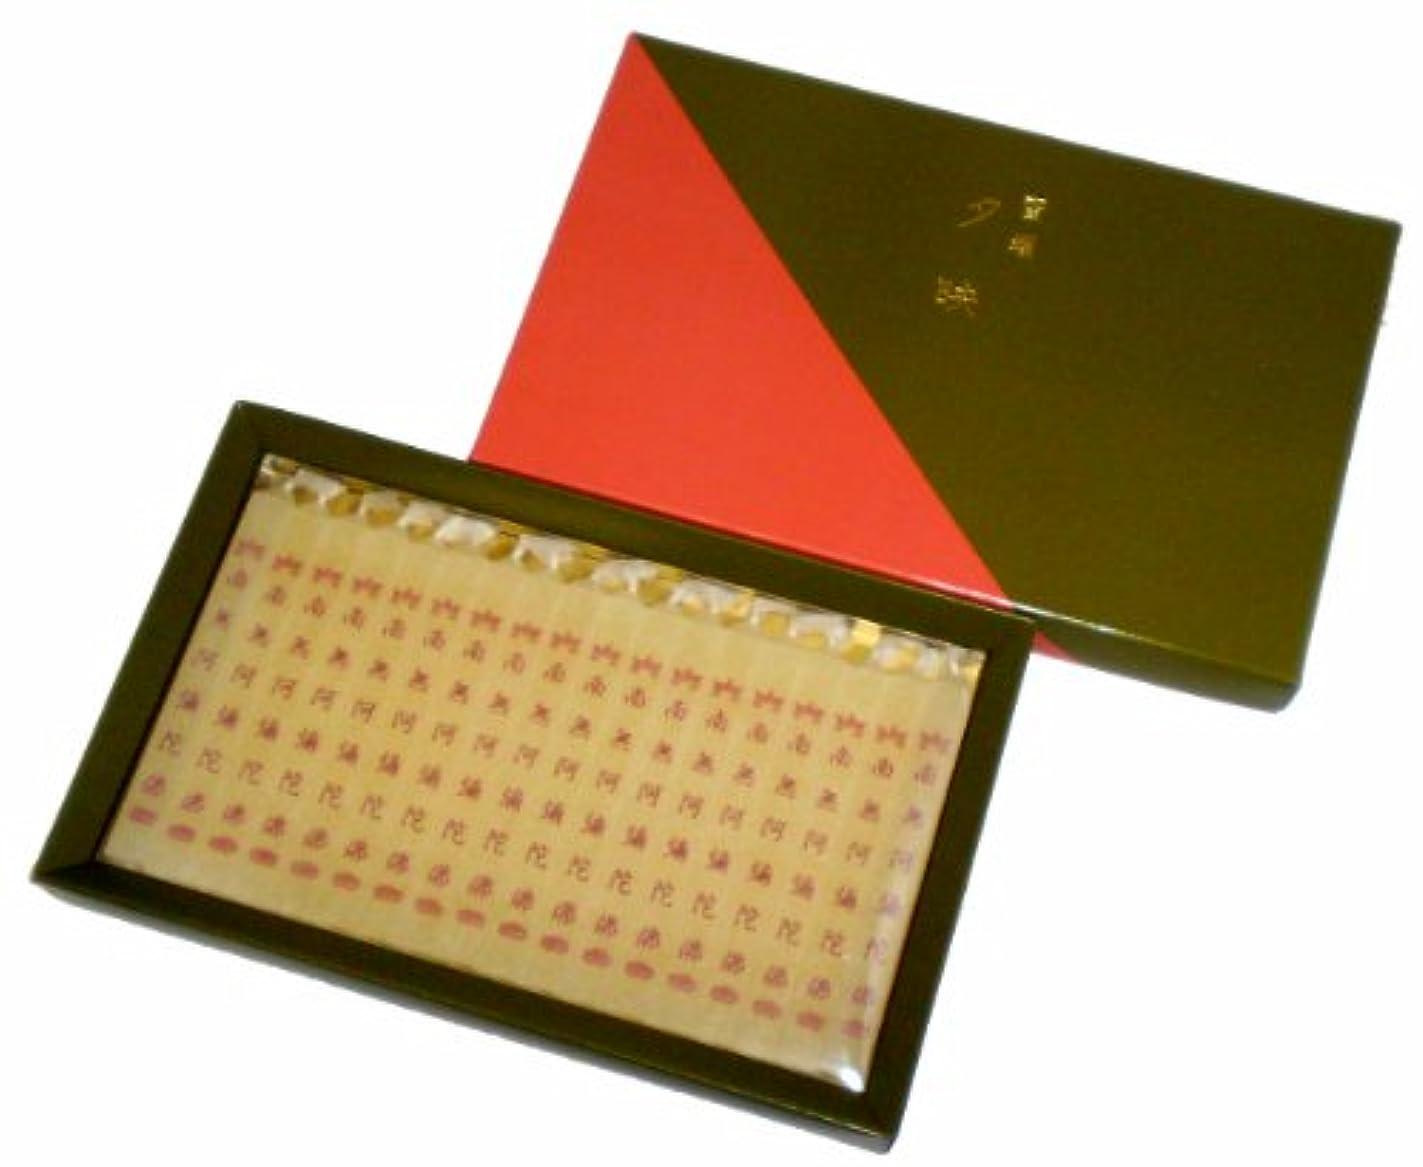 バランスのとれた方程式テレックス鳥居のローソク 蜜蝋夕映 陀仏 18本入 紙箱 #100751